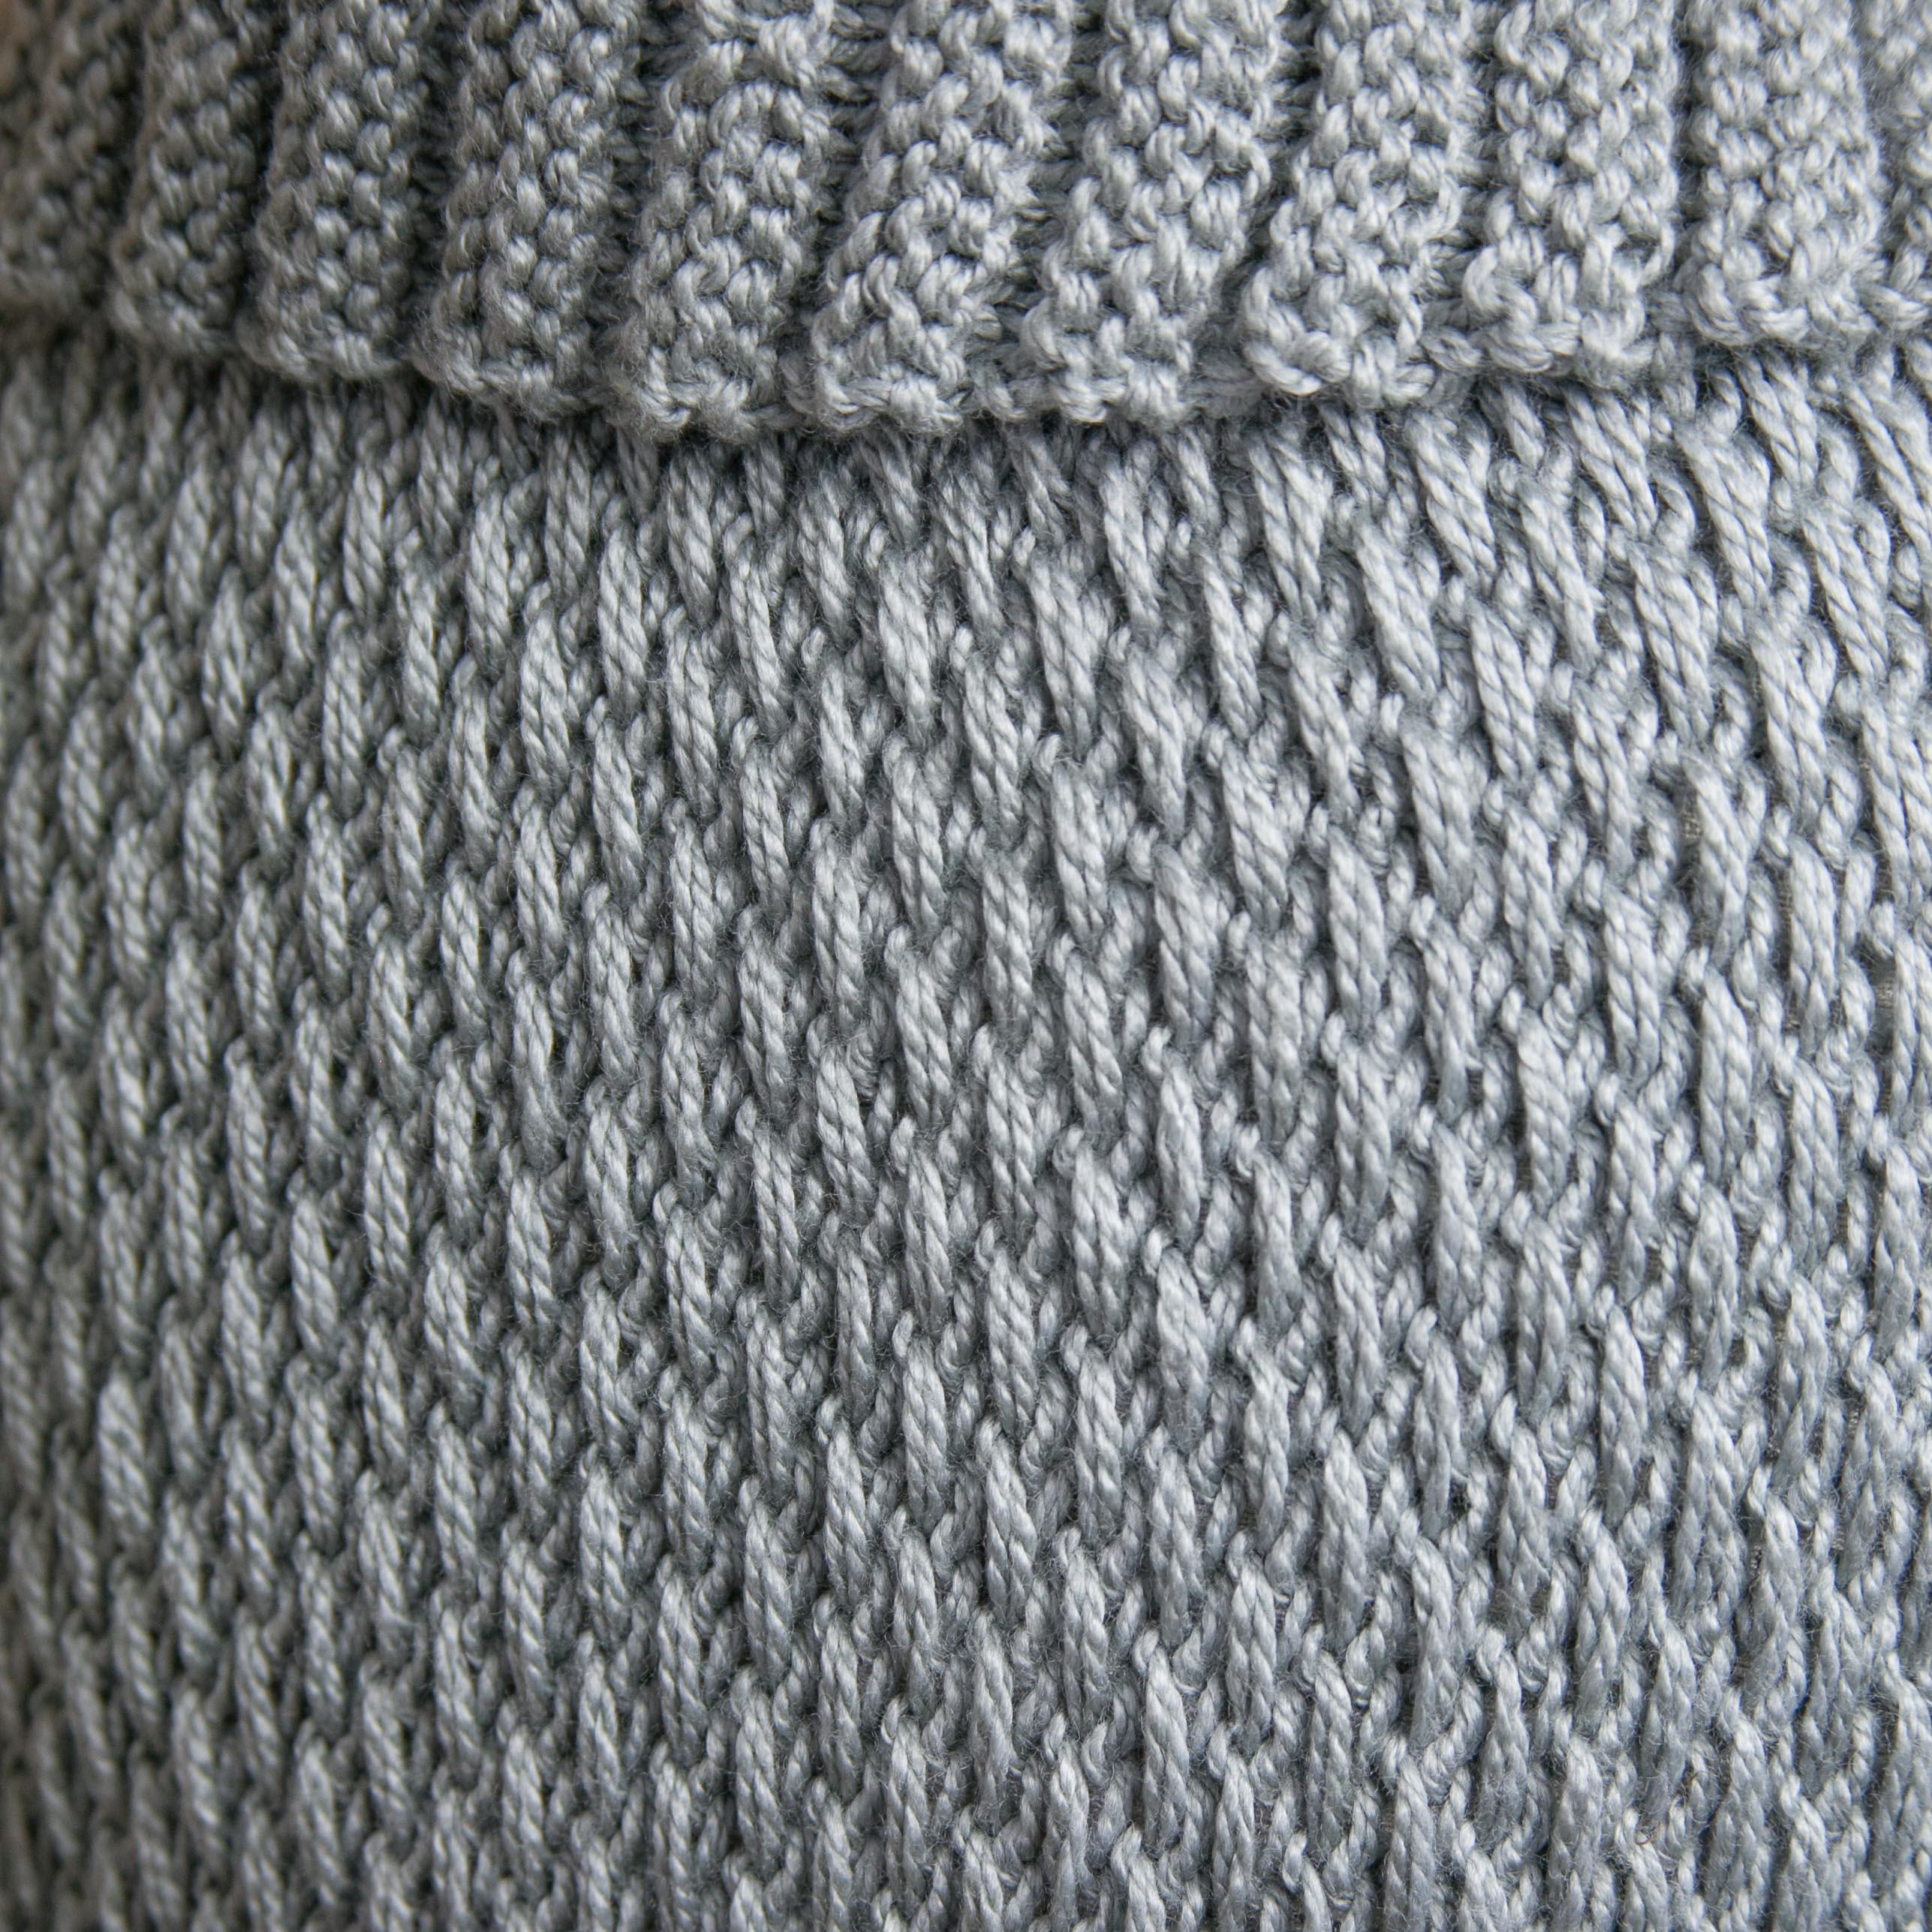 Loom Knit Shawl Pattern : Loom Knit Cape Pattern, loom knit wrap, shawl, pattern. Full length. This M...